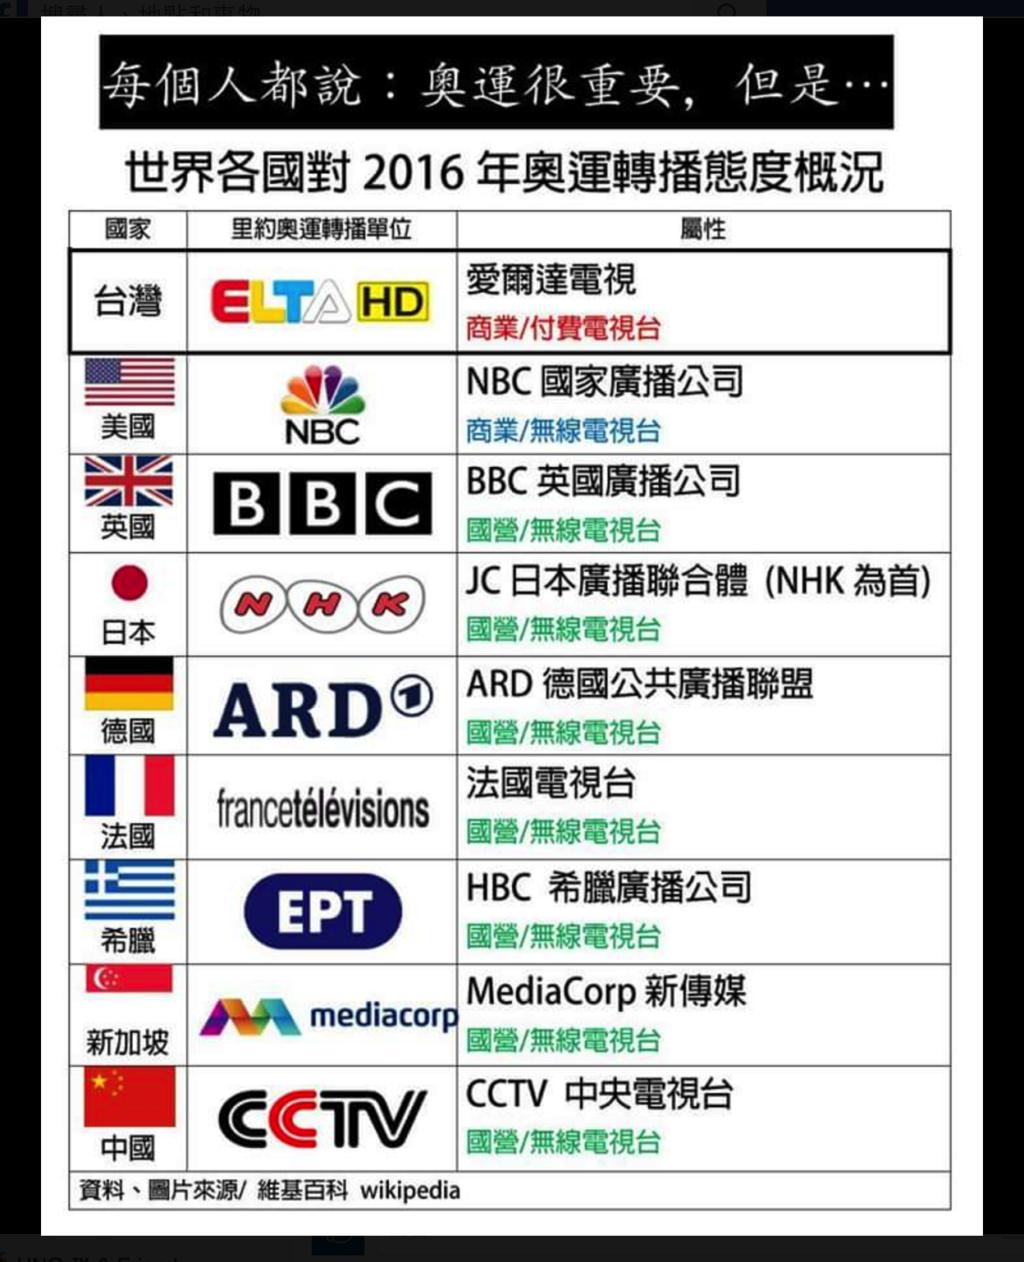 世界各國 2016 奧運轉播電視台列表。